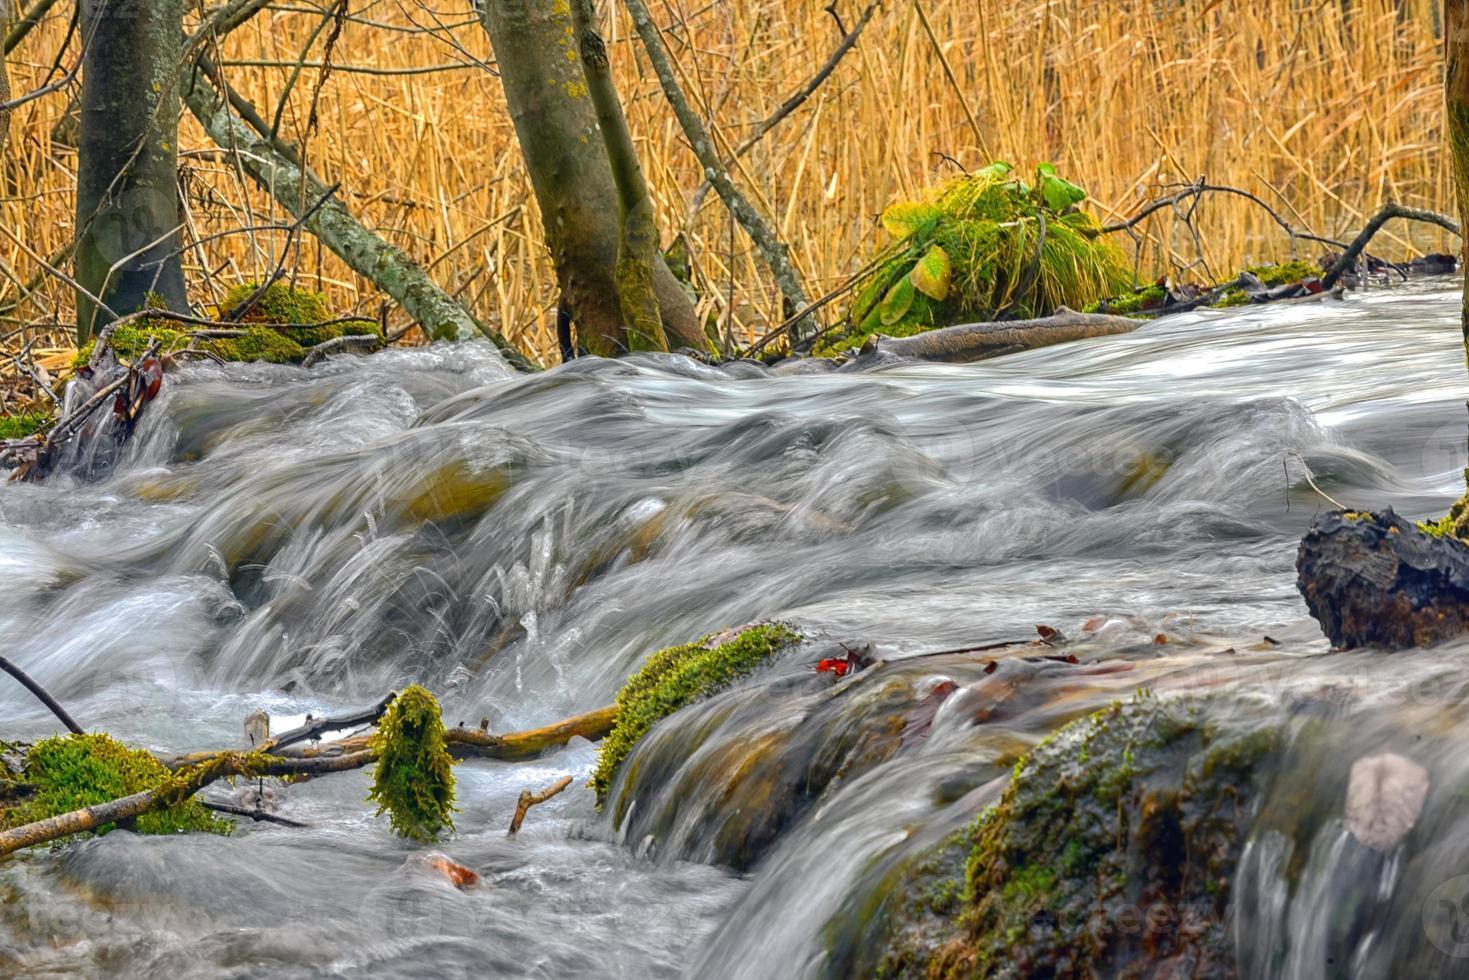 ruisseau de montagne rapide qui coule photo